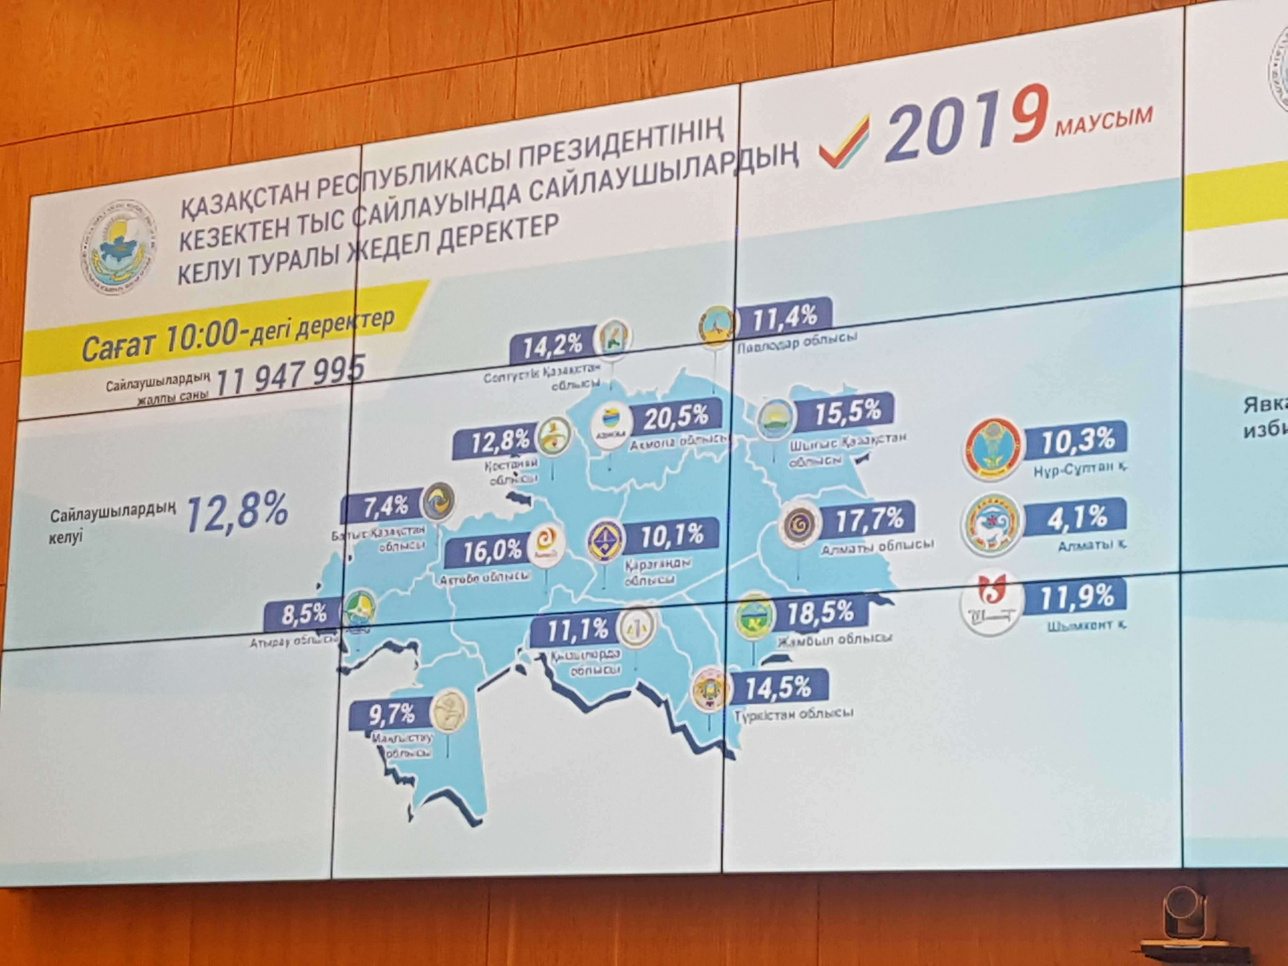 Явка избирателей на 10.00 по регионам